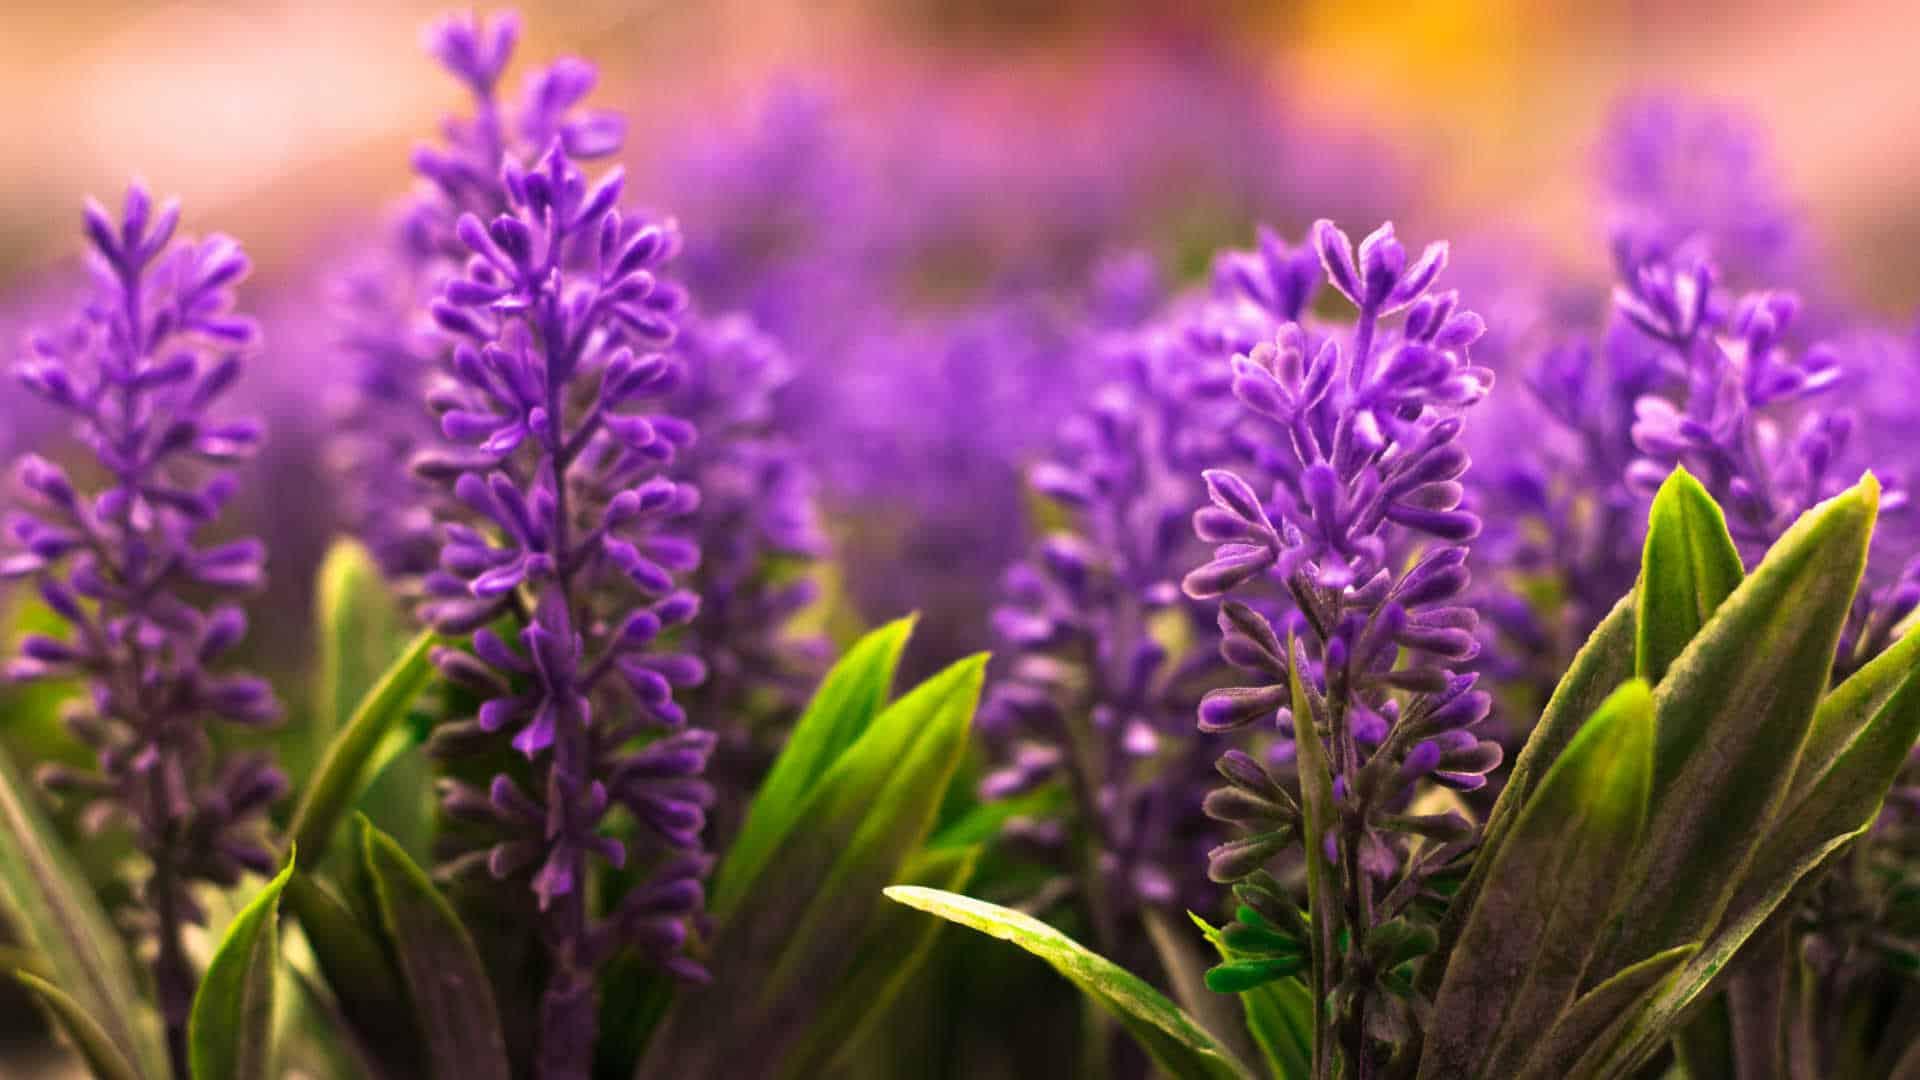 lavender-flowers-pastel-color